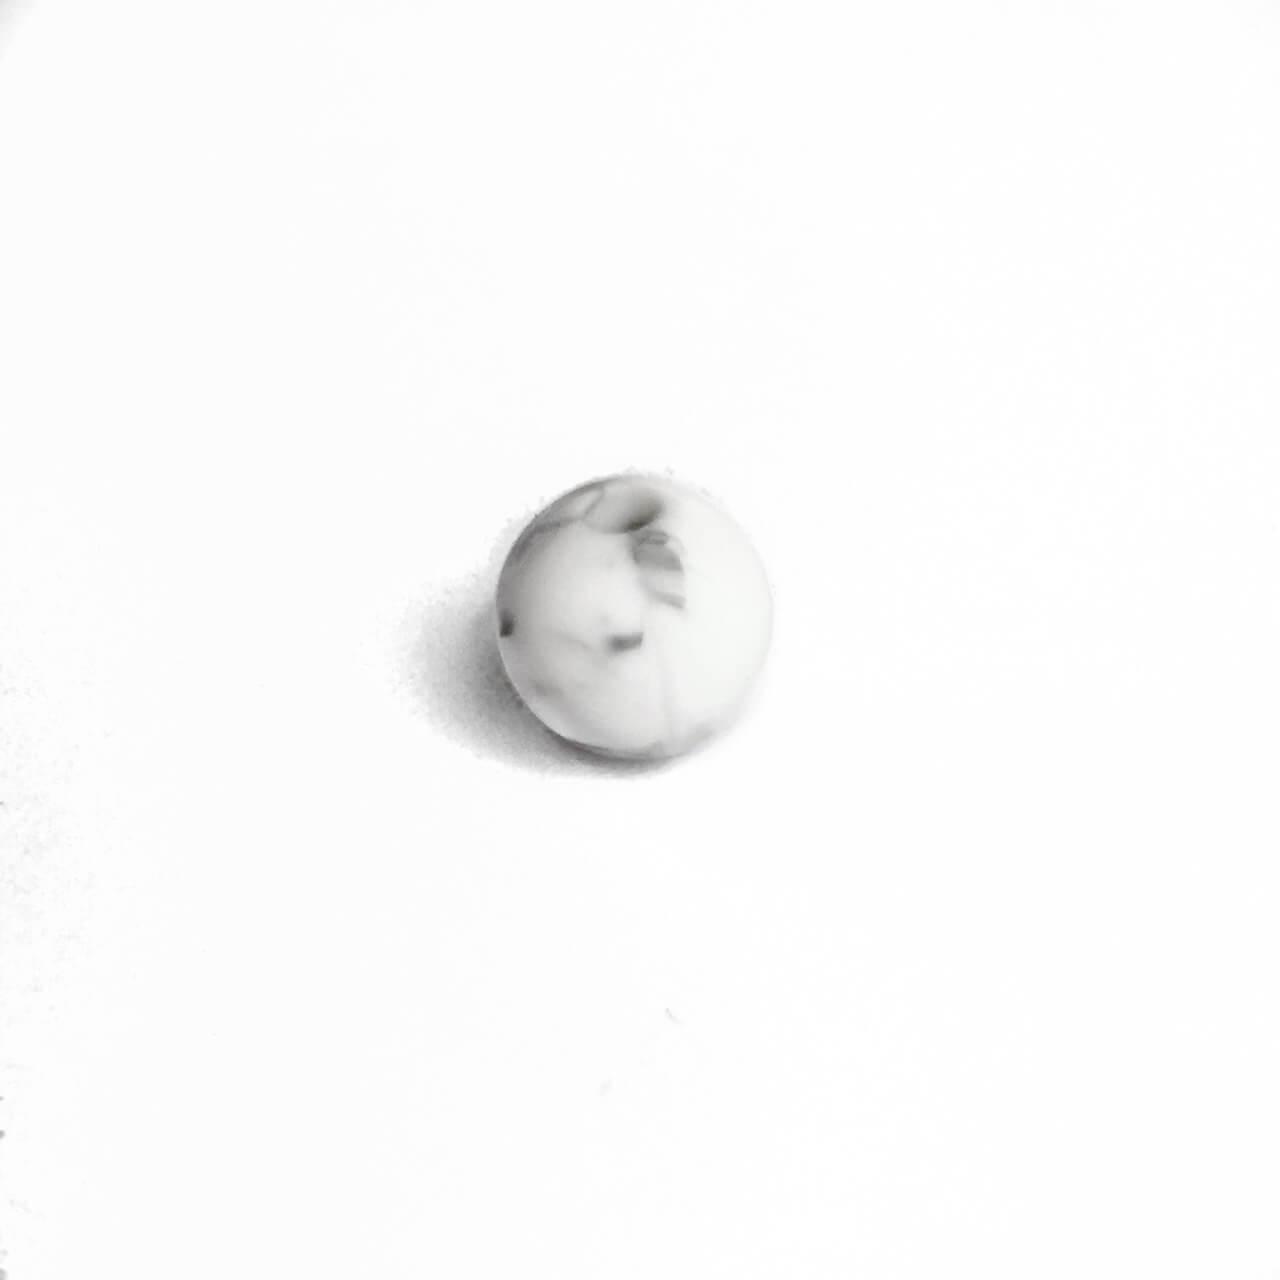 9мм (мрамор) круглая, силиконовая бусина